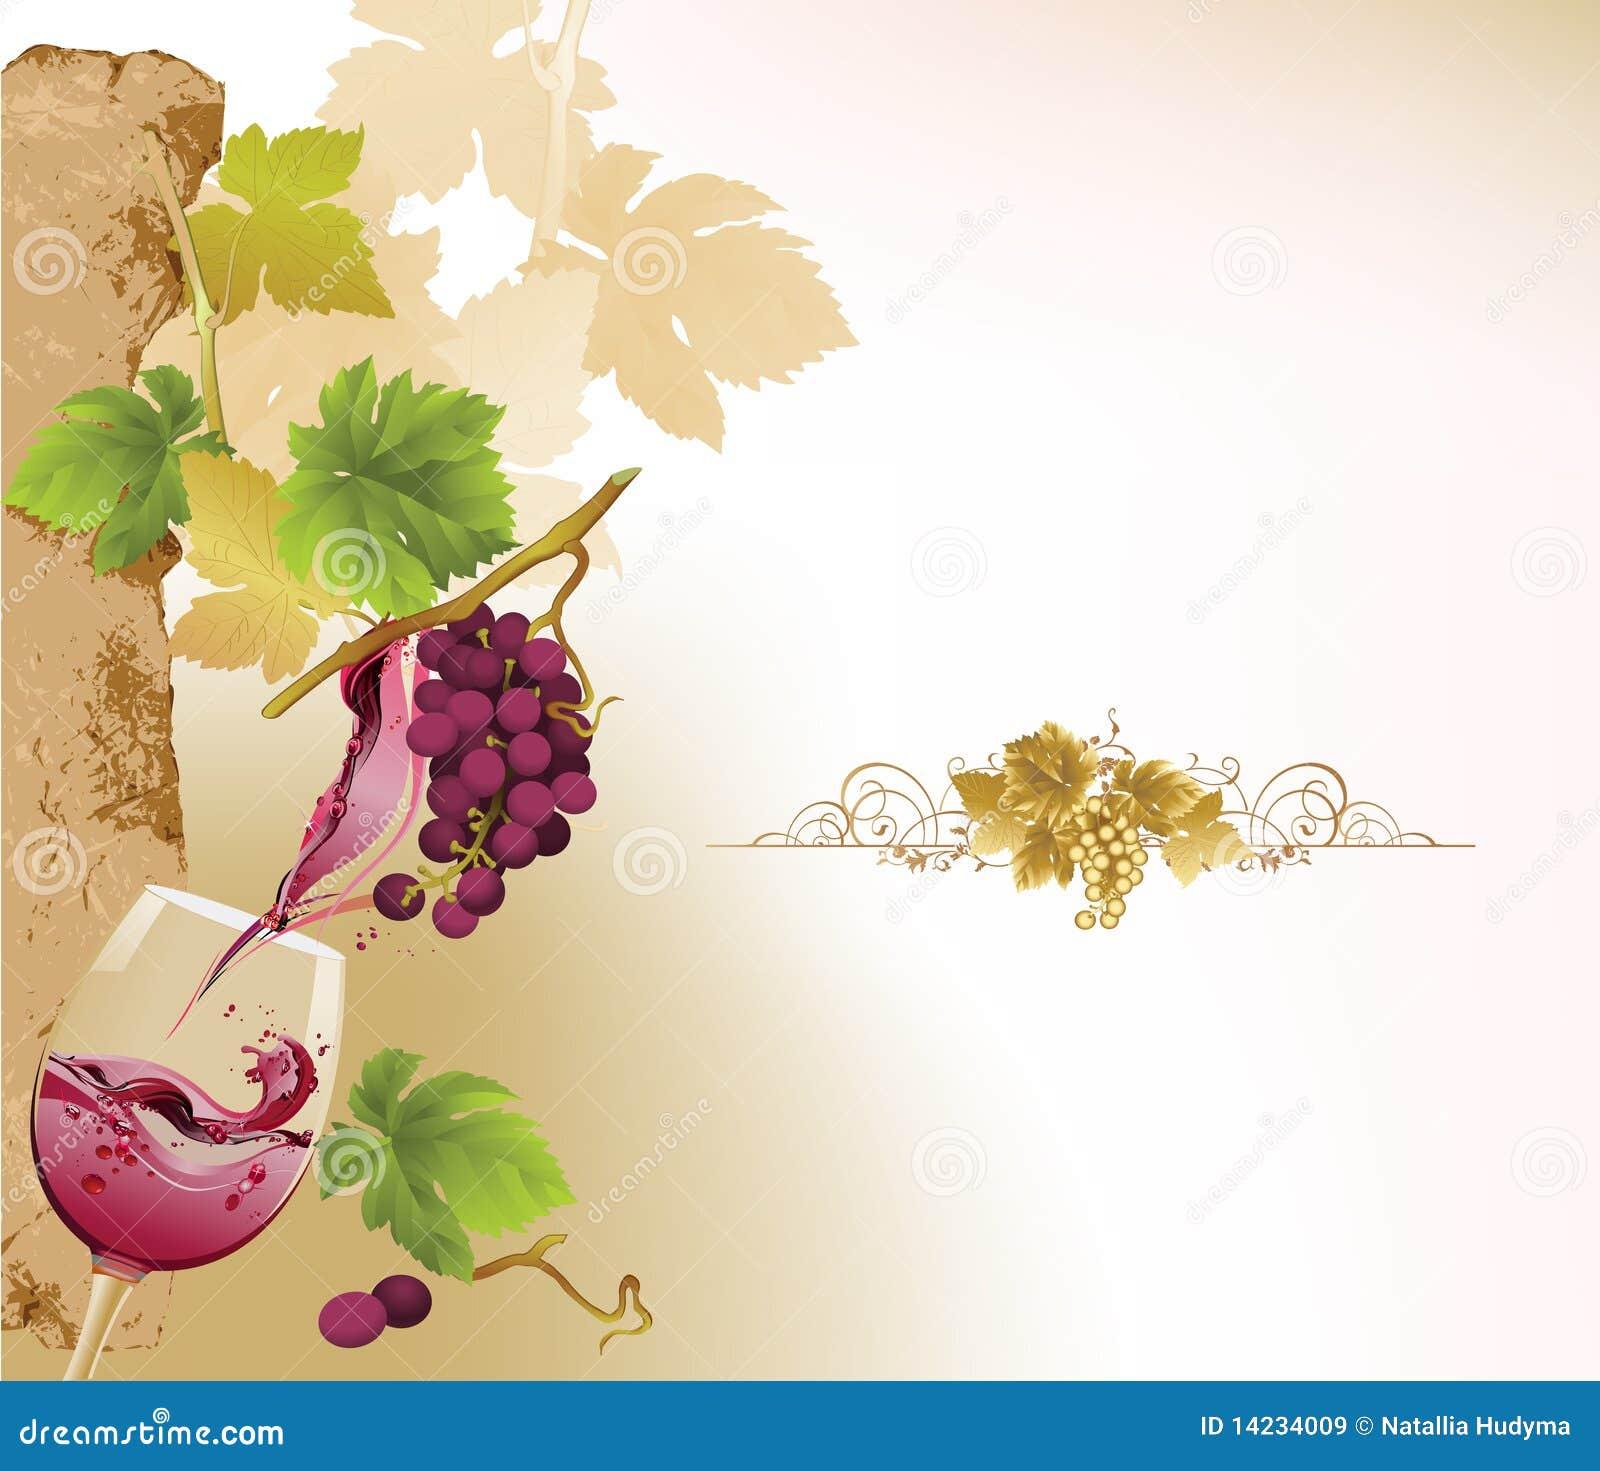 Disegno per la lista di vino.